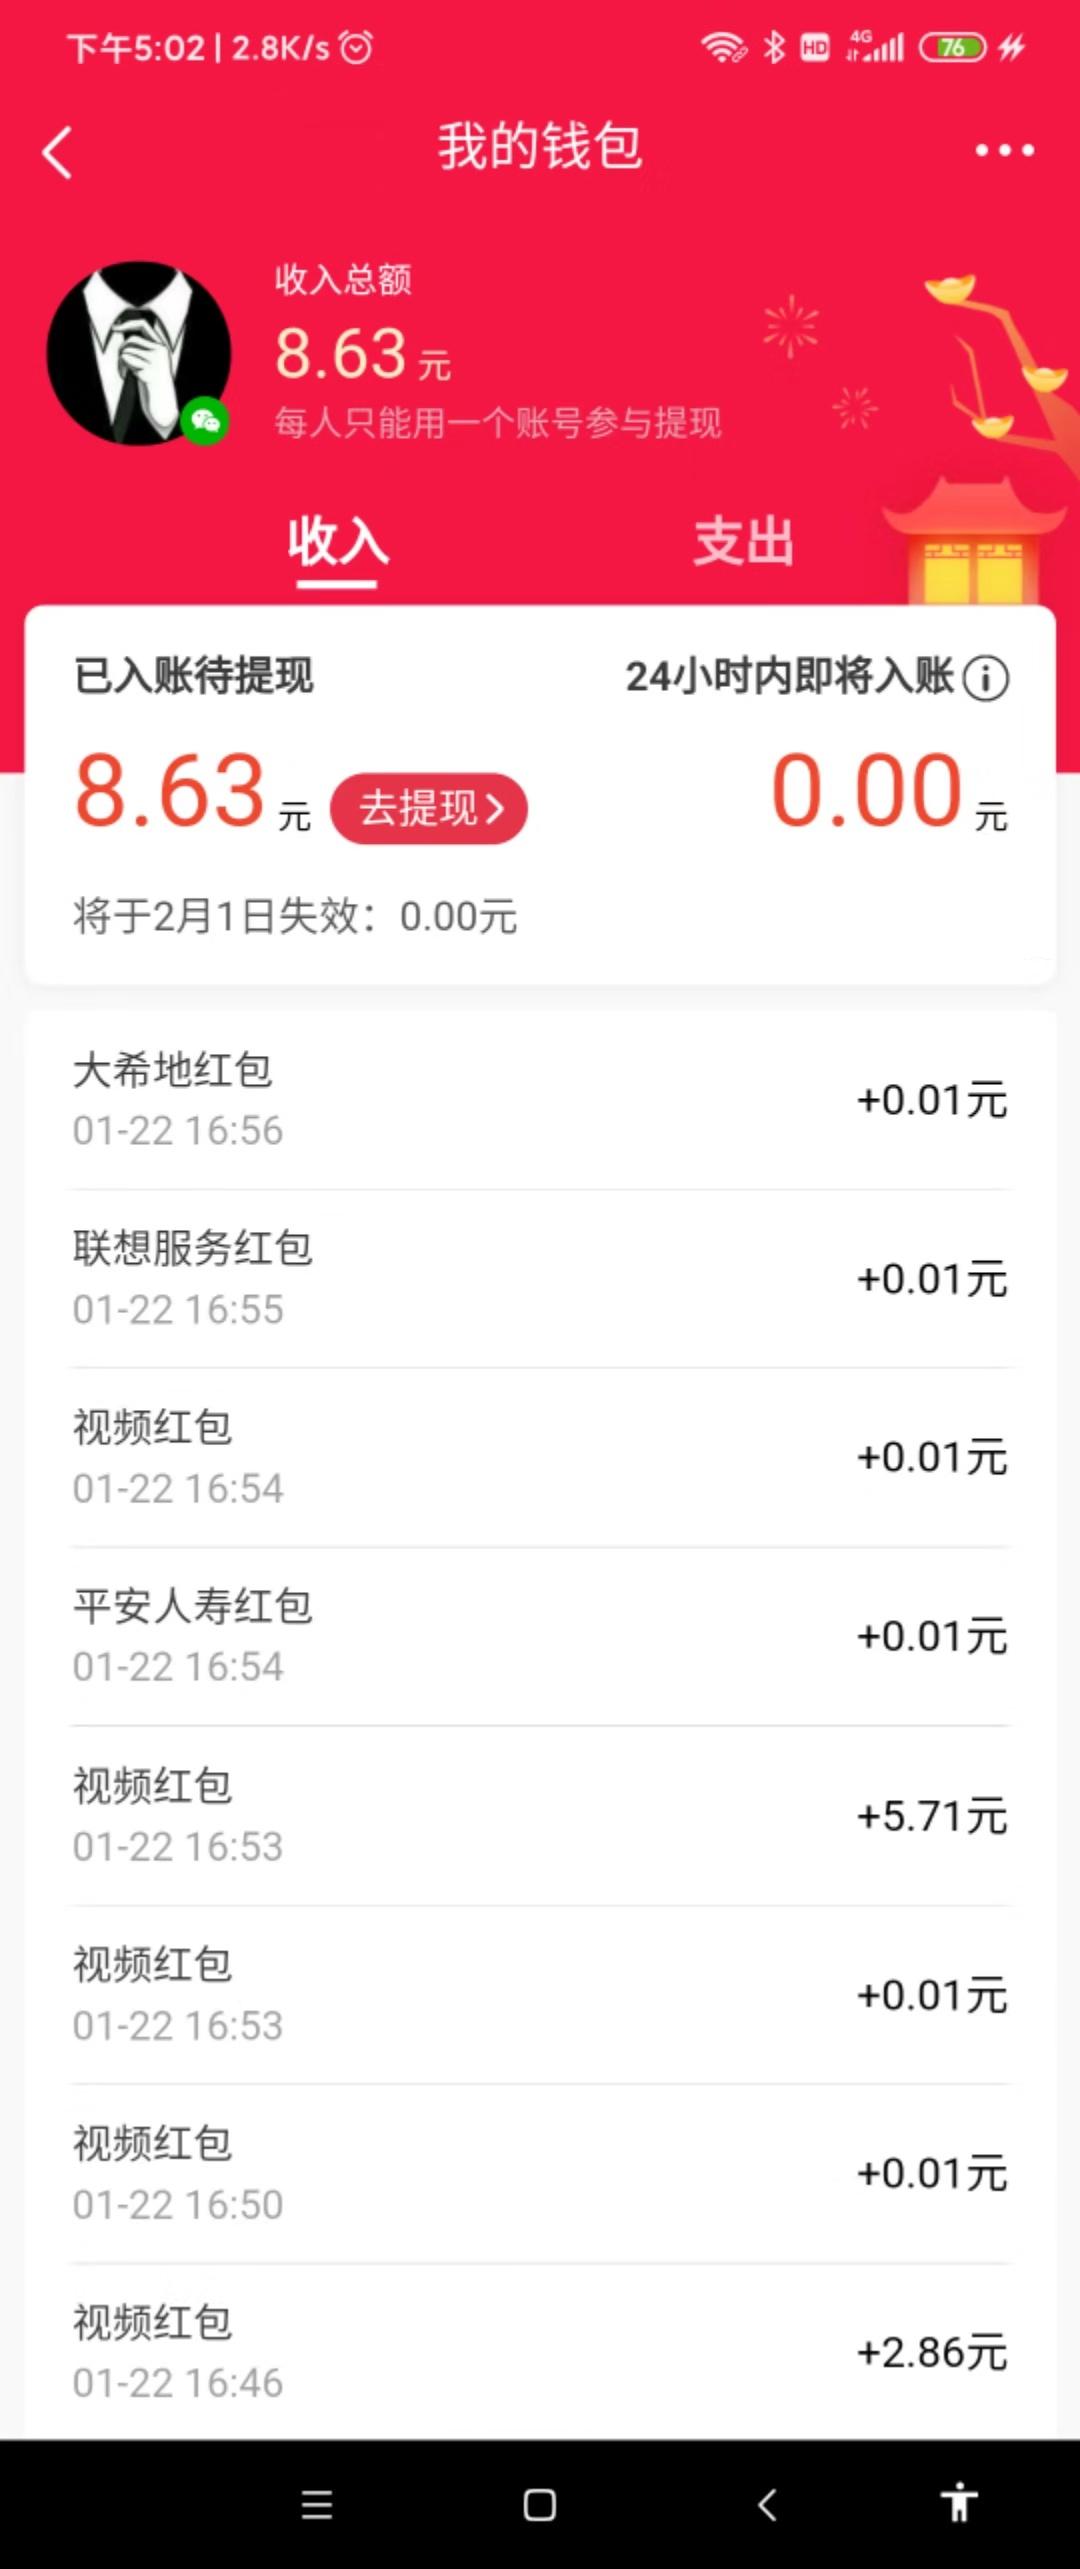 微视新老用户免费领取7个现金红包可直接提现,亲测8.63元。插图1